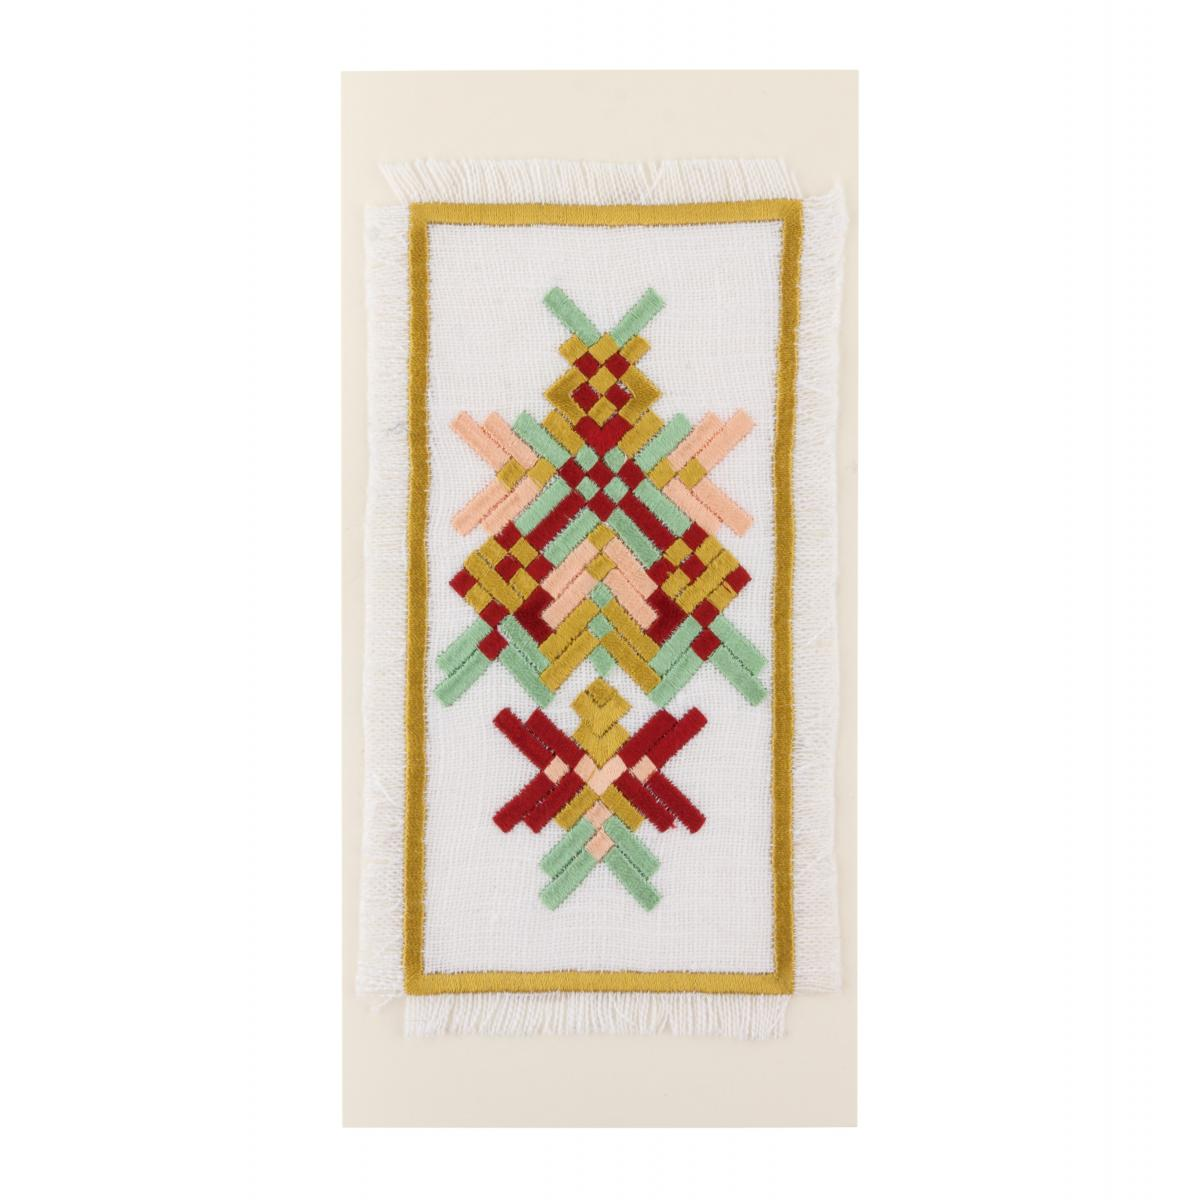 Открытка с вышивкой в пастельных и бордовых тонах